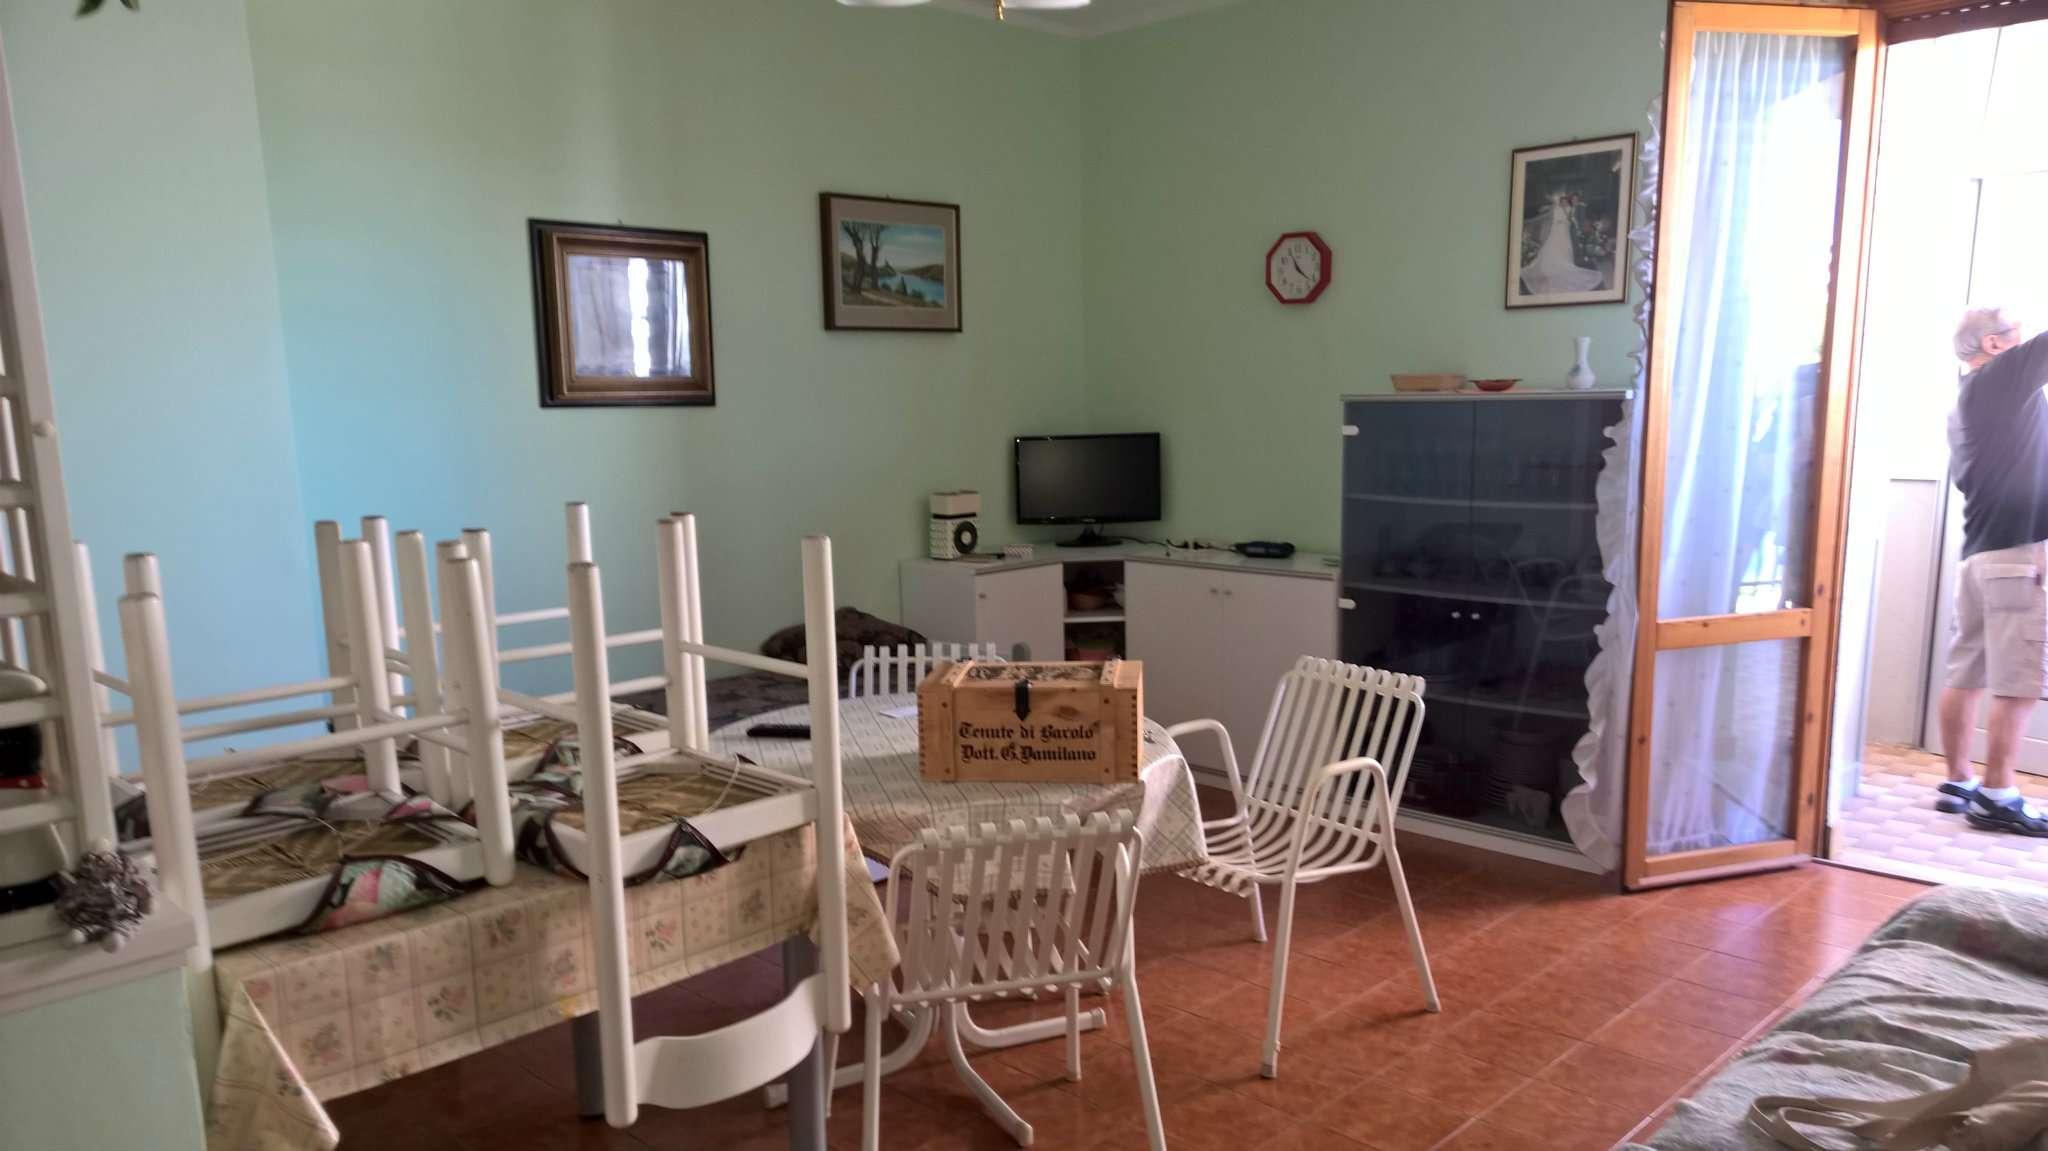 Appartamento in vendita a Fermo, 2 locali, prezzo € 53.000 | CambioCasa.it